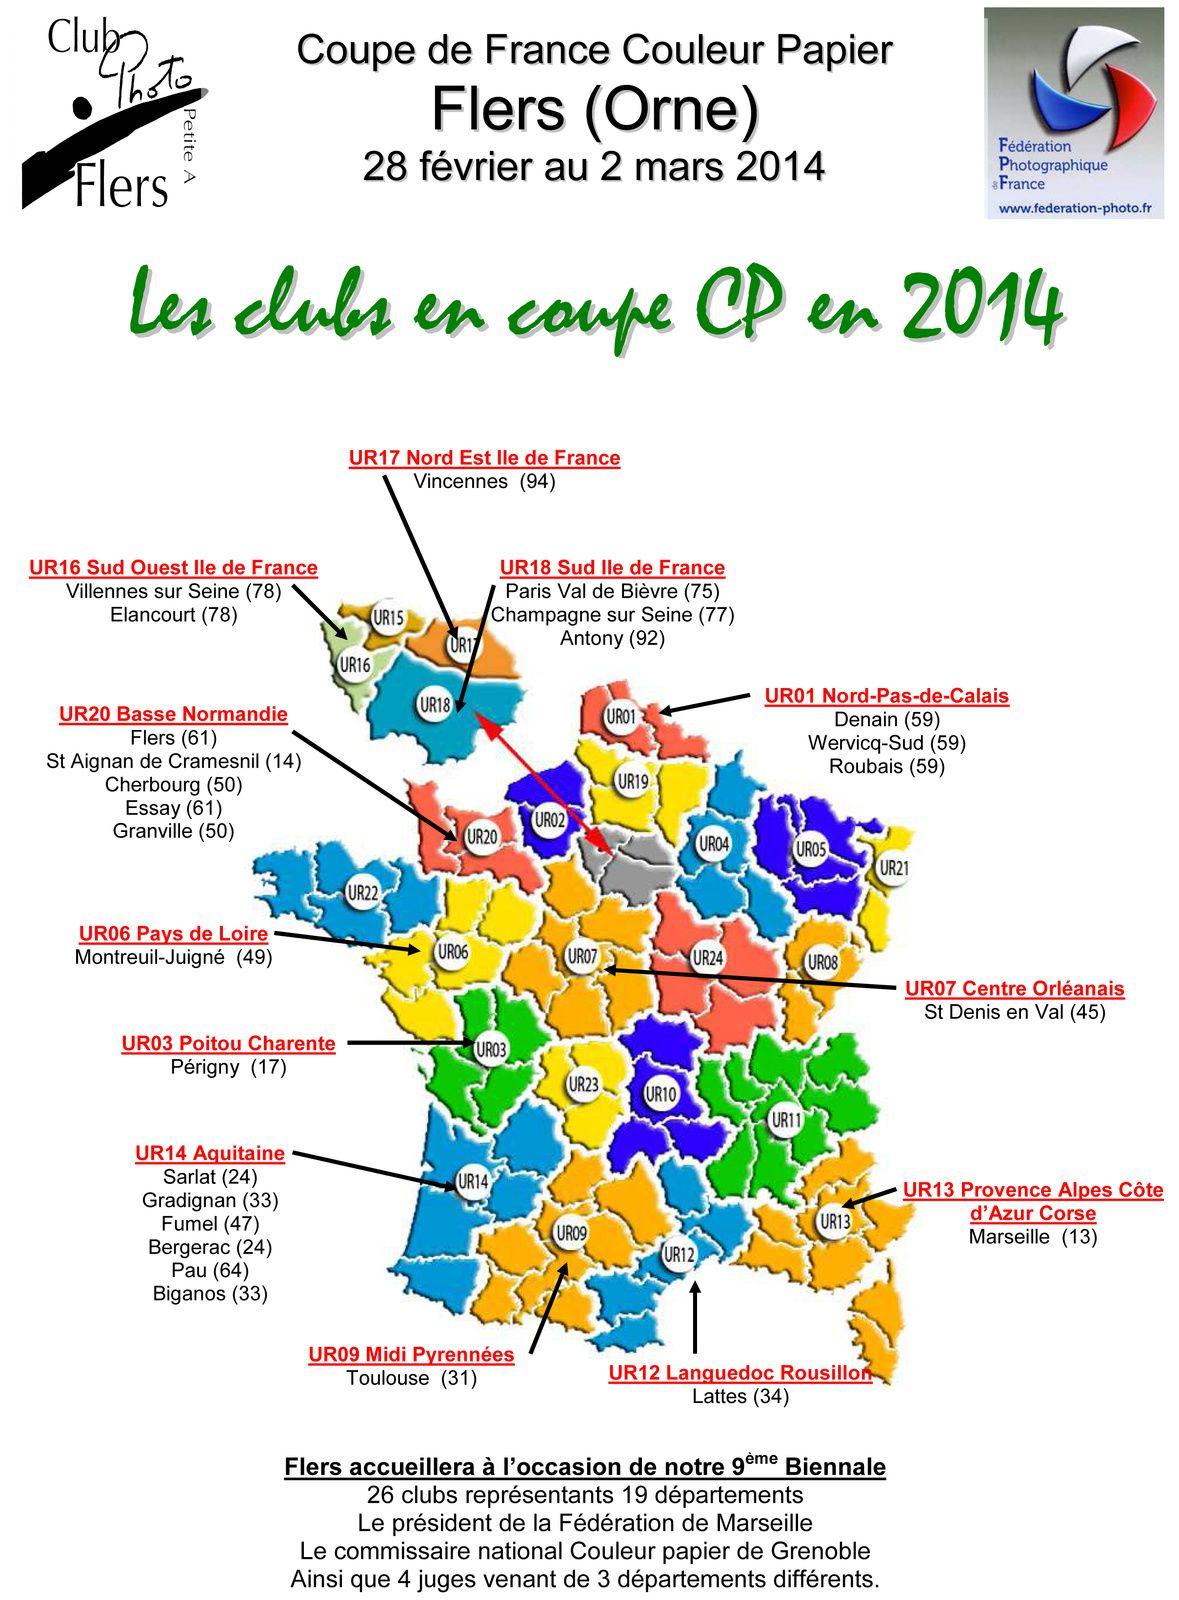 Coupe de France Couleur Papier à Flers les 1et et 2 mars 2014